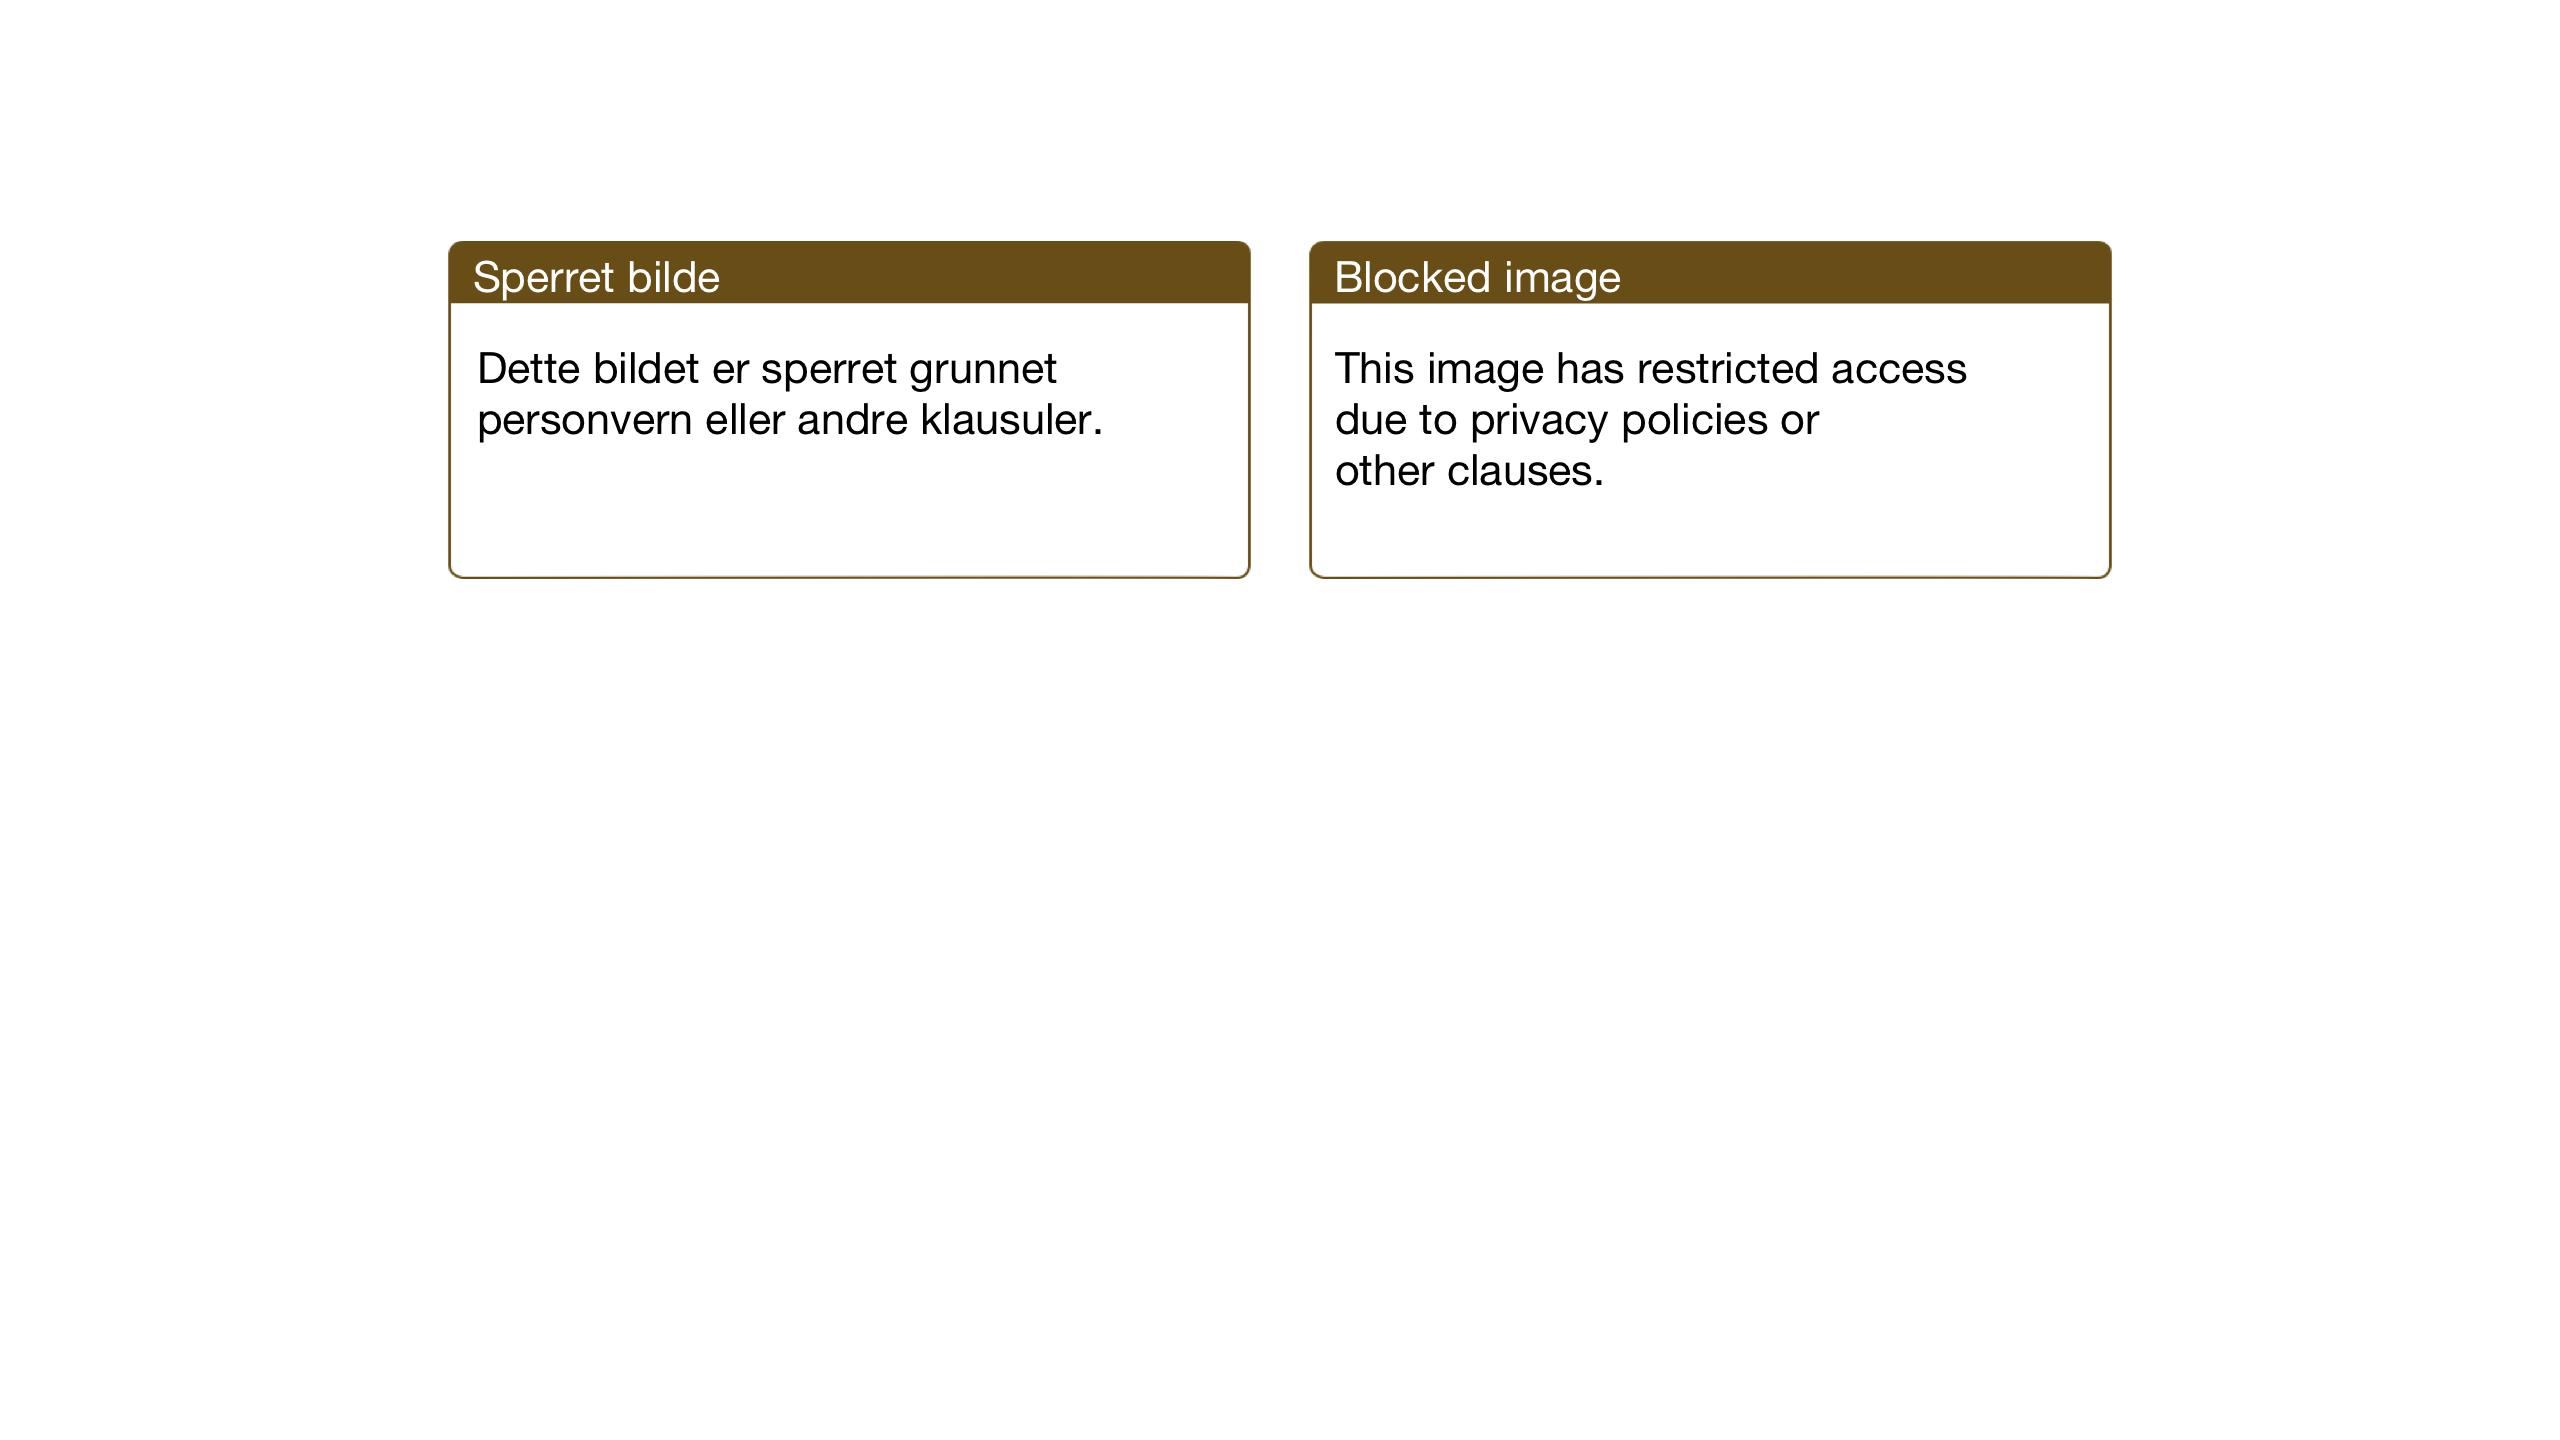 SAT, Ministerialprotokoller, klokkerbøker og fødselsregistre - Nord-Trøndelag, 747/L0460: Klokkerbok nr. 747C02, 1908-1939, s. 36